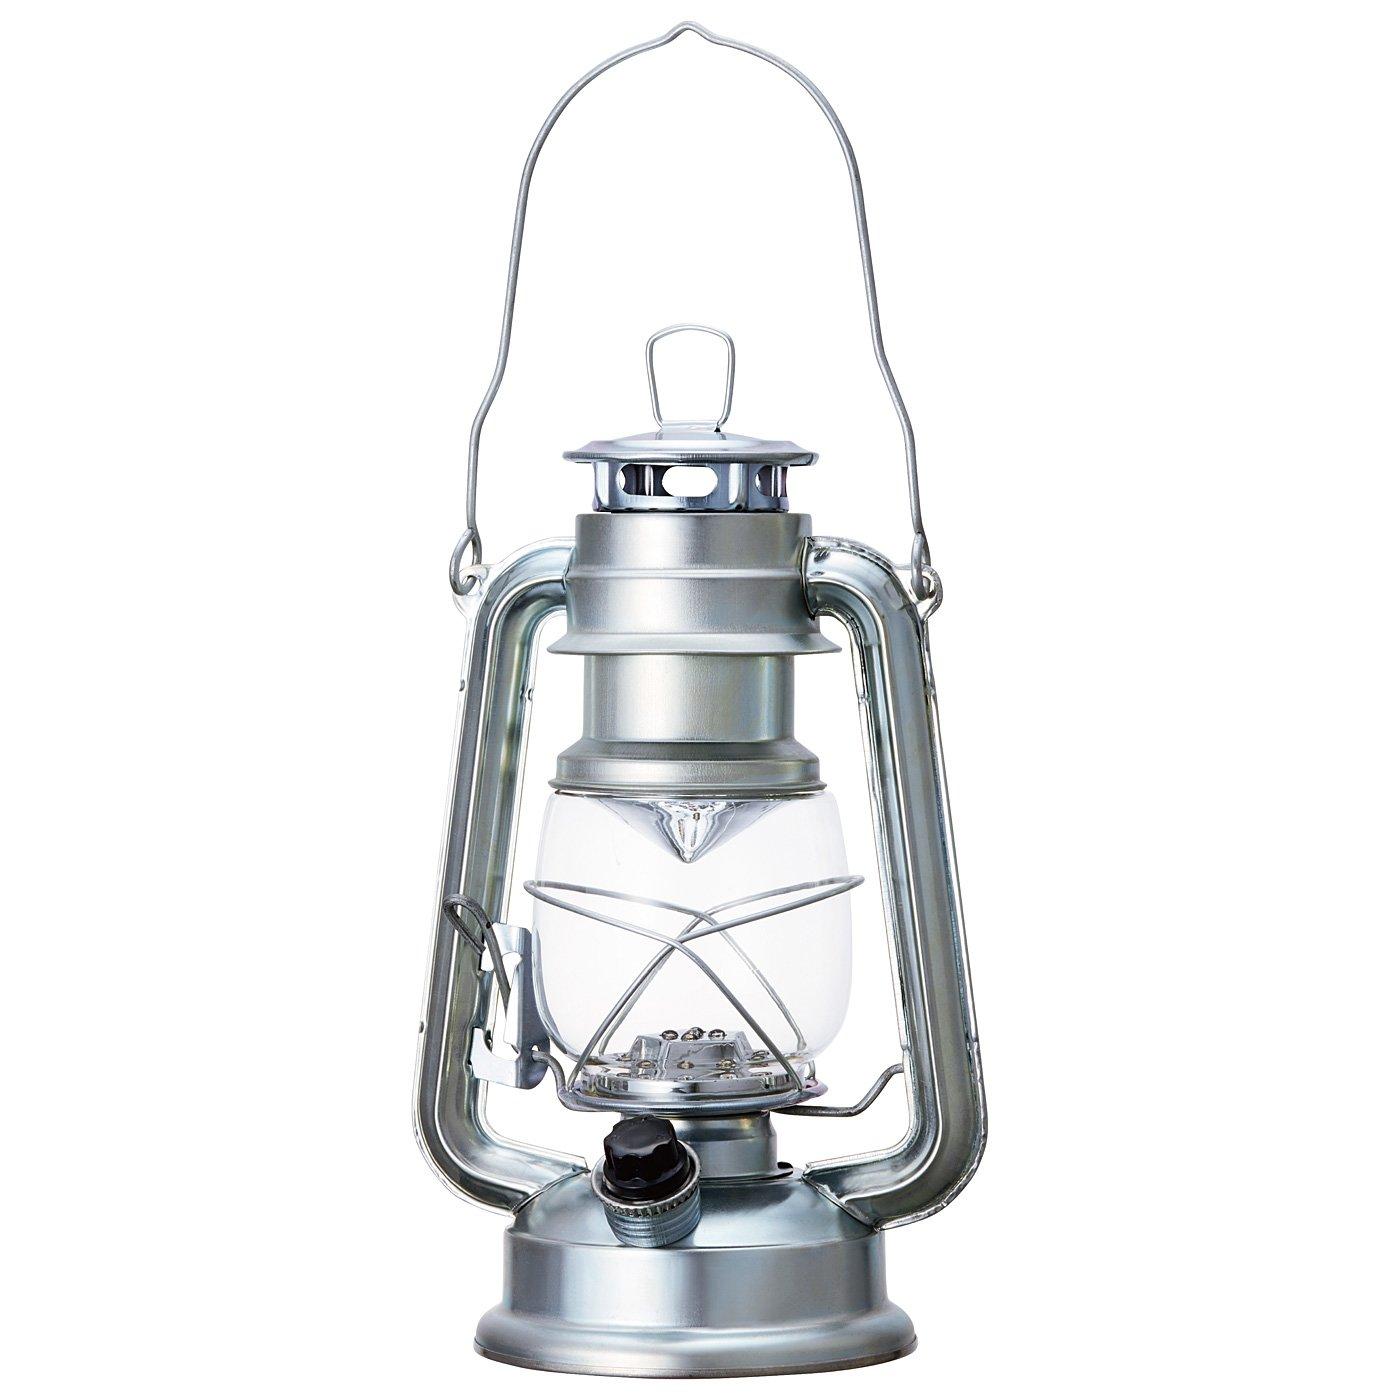 まるで本物の灯(あか)りのよう レトロな風合いのLEDランタン〈ブライトシルバー〉